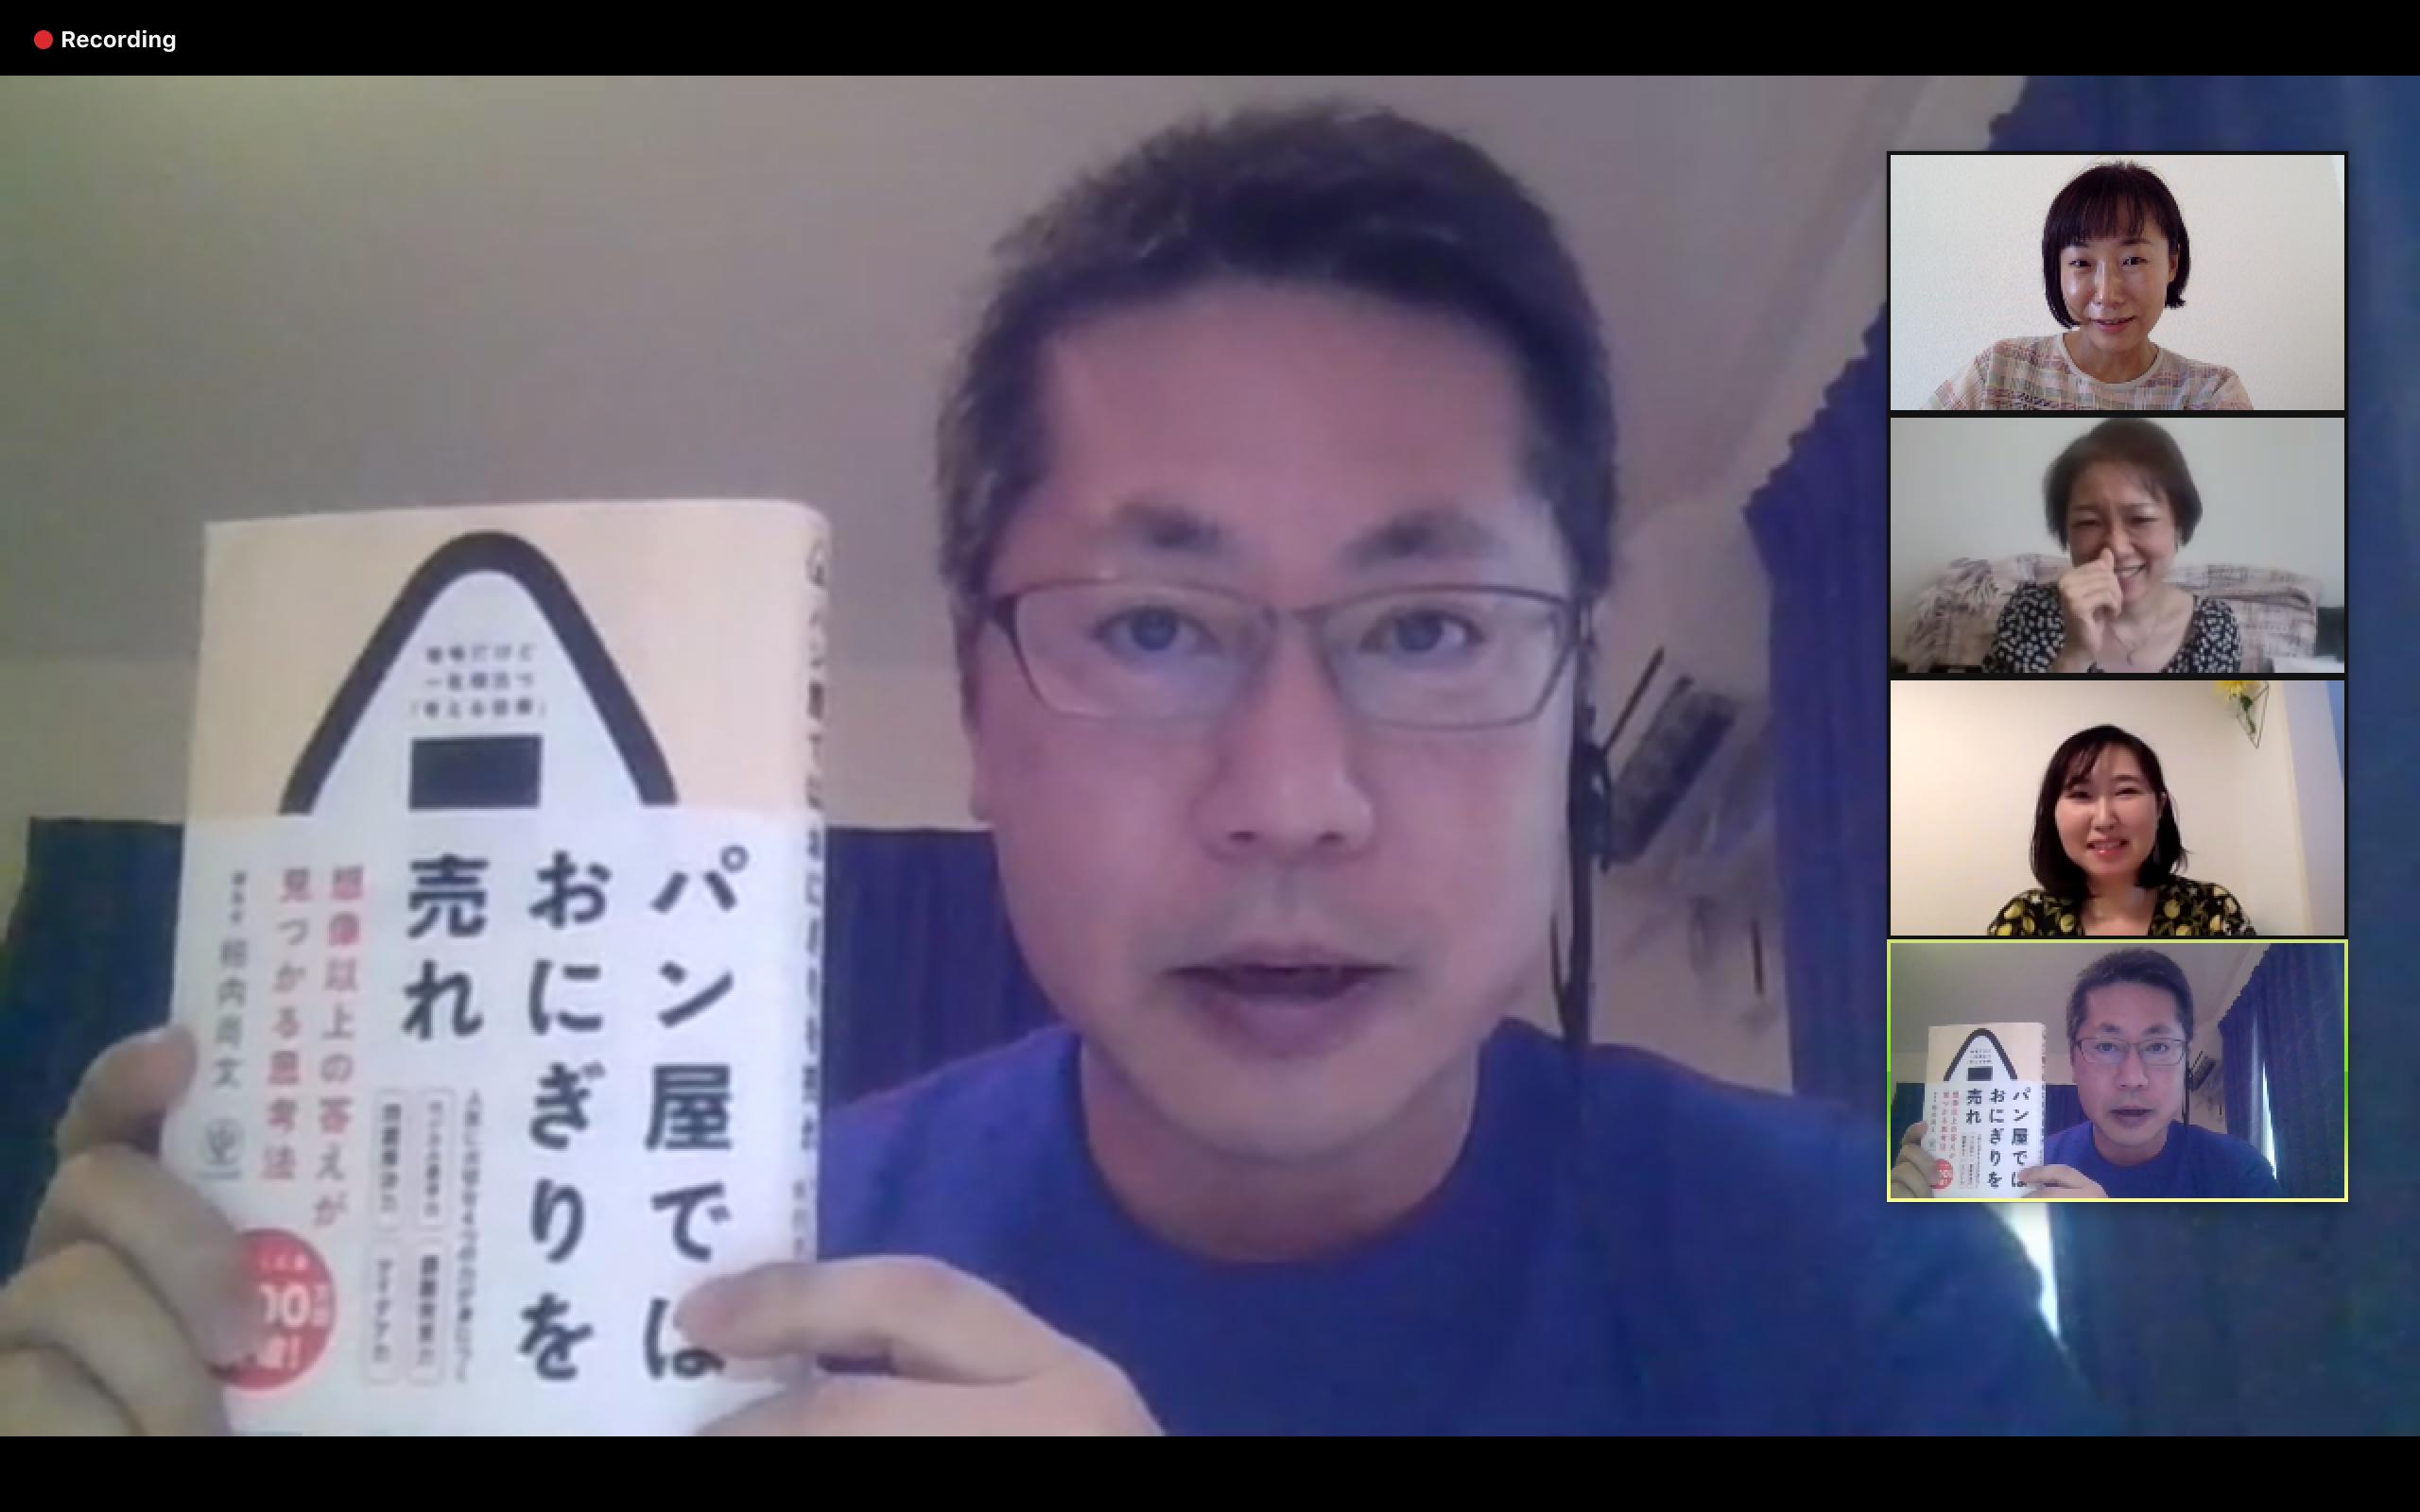 【ヒットメーカーに会ってみた!】 柿内尚文さん 第5回 「1000万部編集者でも、常に限界との戦いだ」